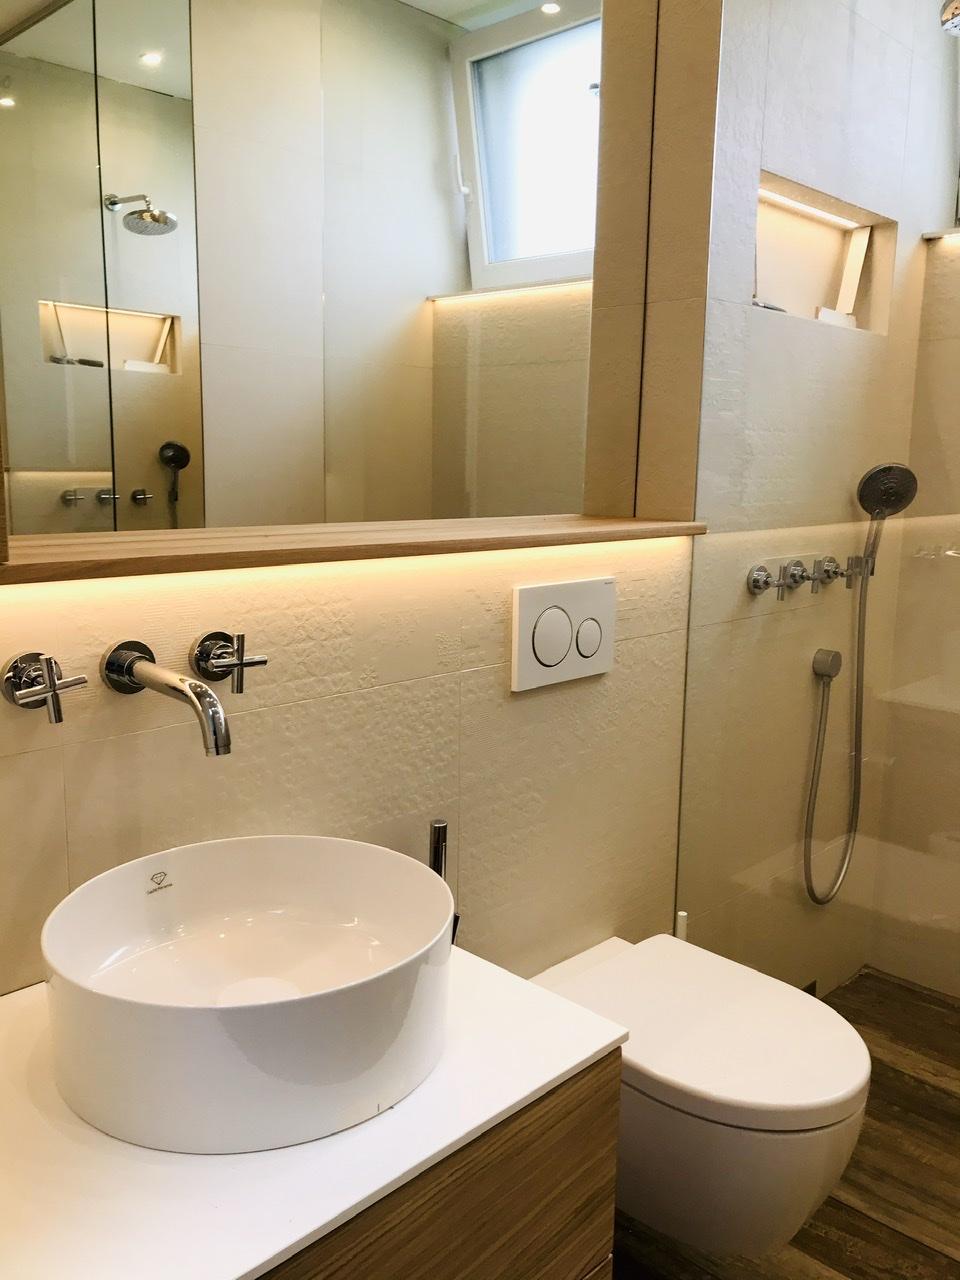 Naše L-ko - 2021 - stále dokončujeme - Malá kúpelňa so sprchovým kútom - nábytok, umyvadlo, osvetlenie - konečne hotovo